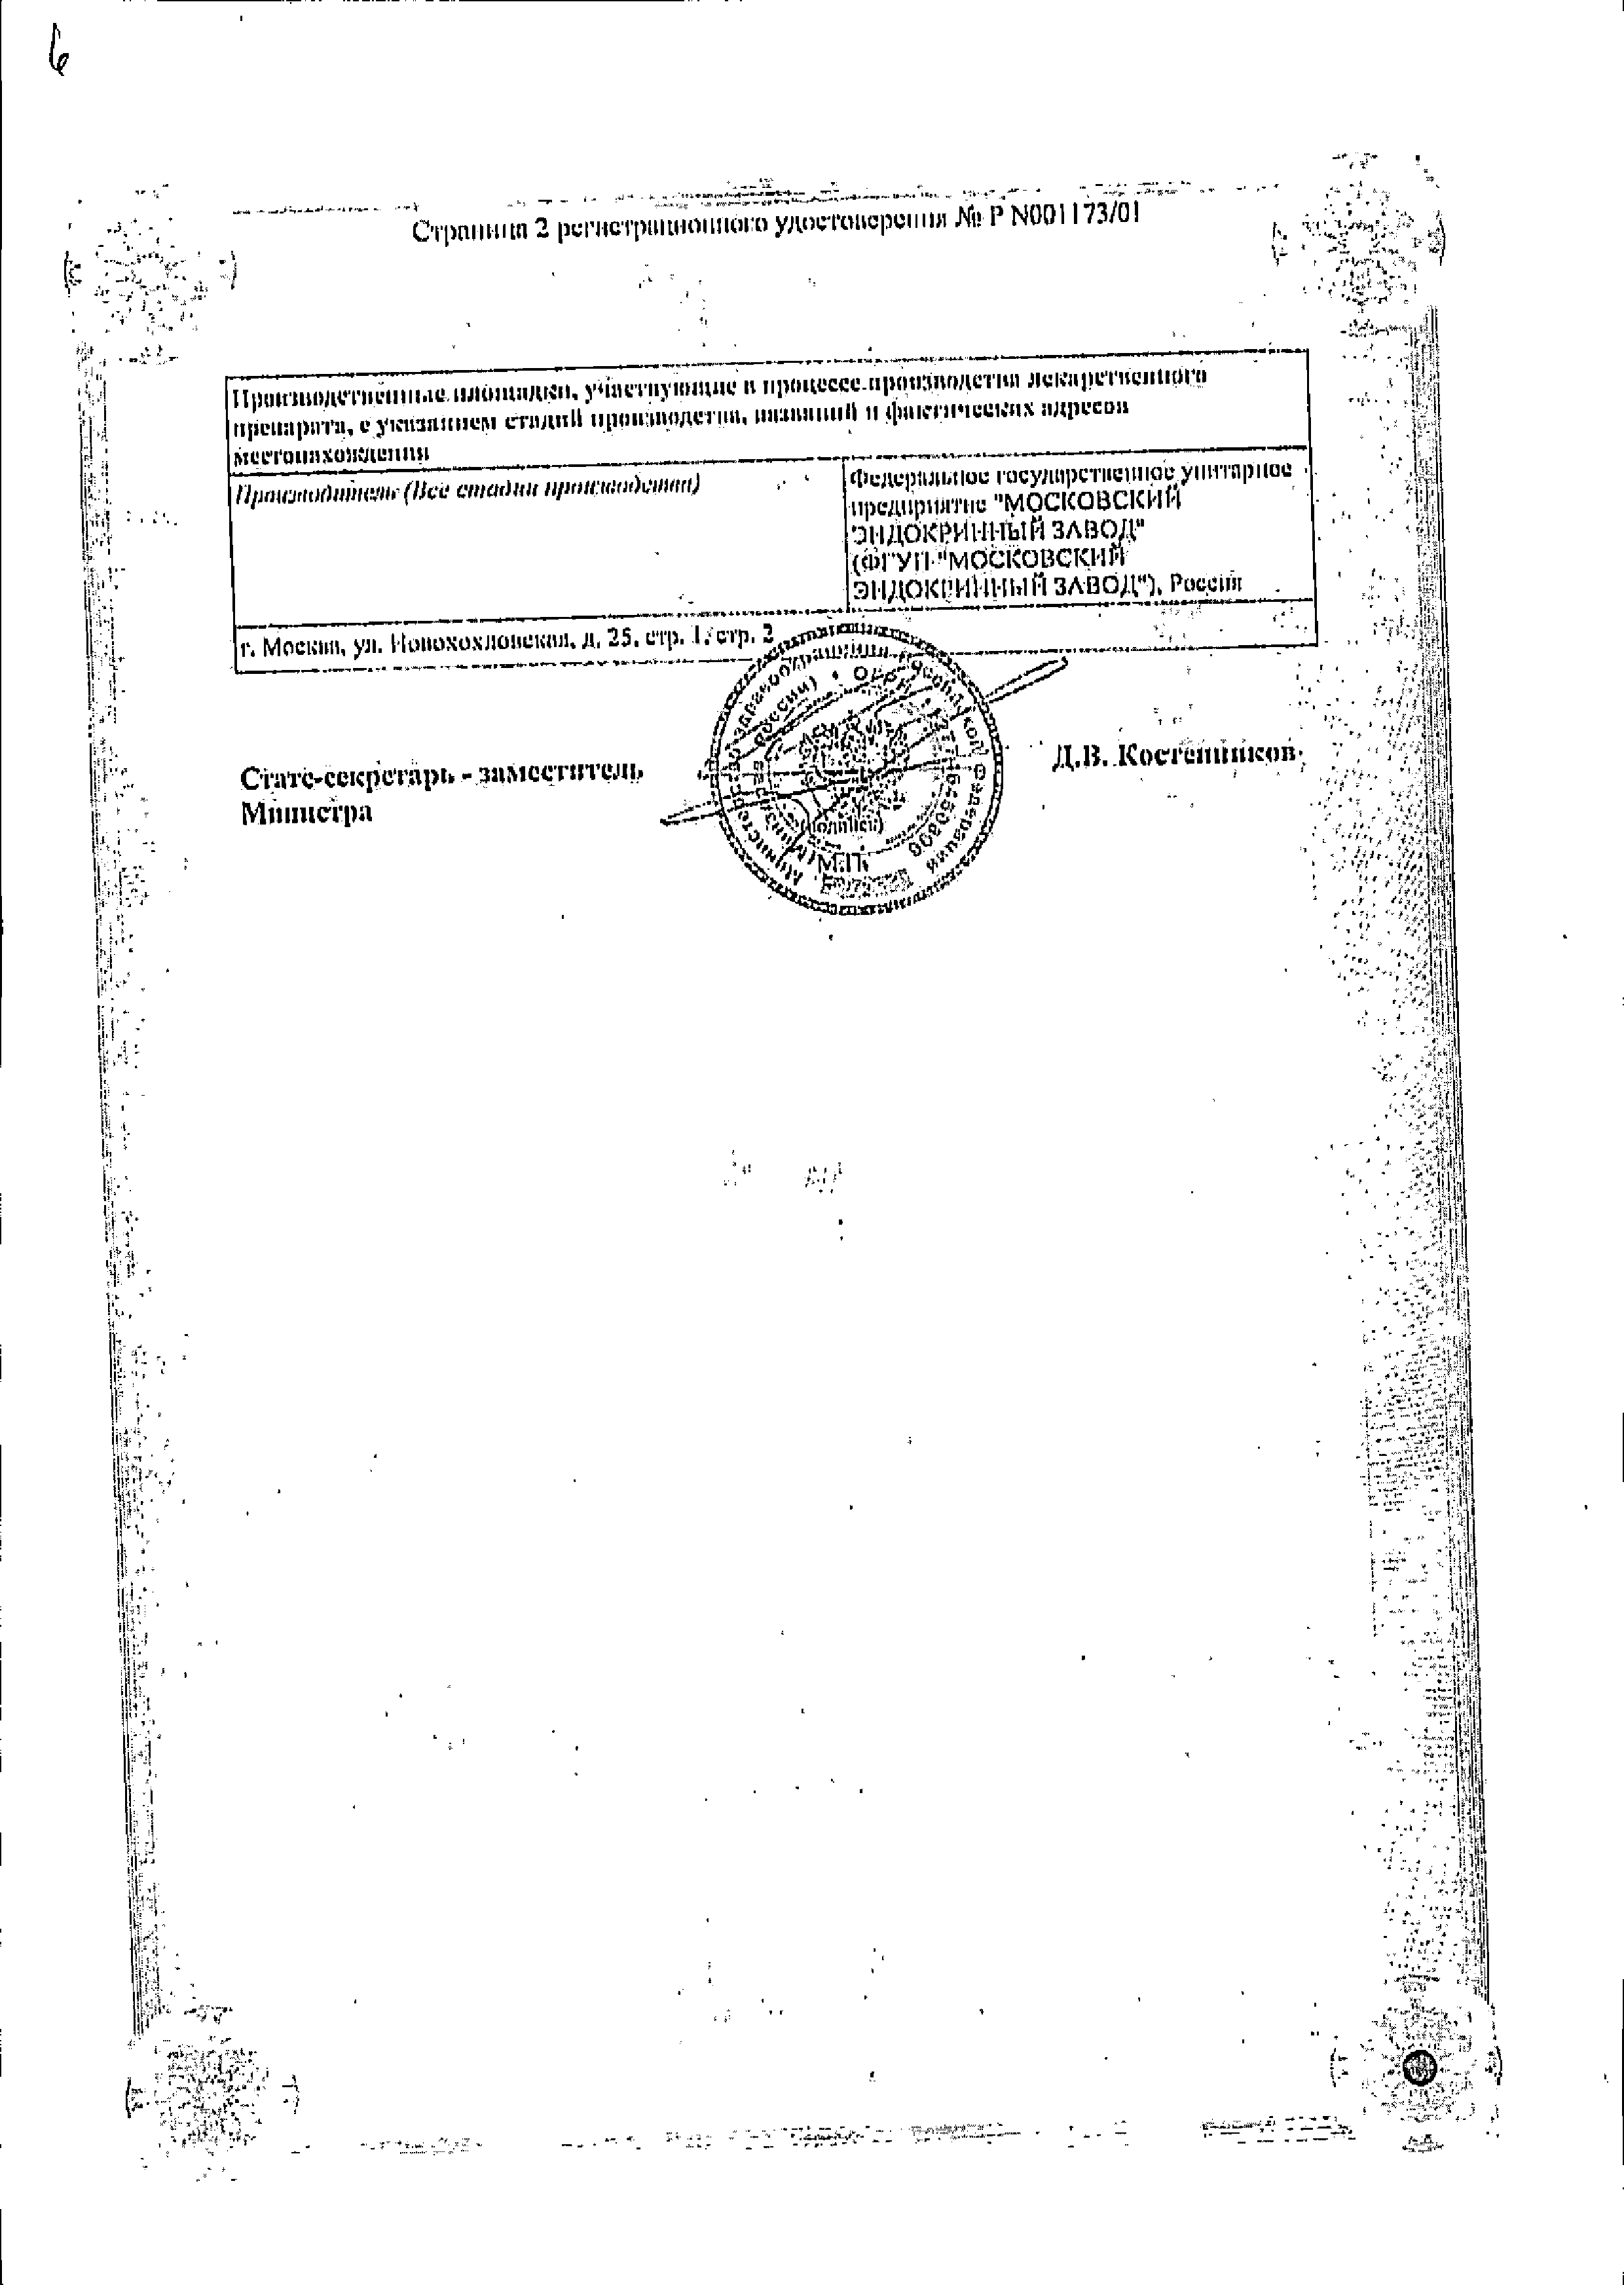 Эмоксипин (для инъекций) сертификат